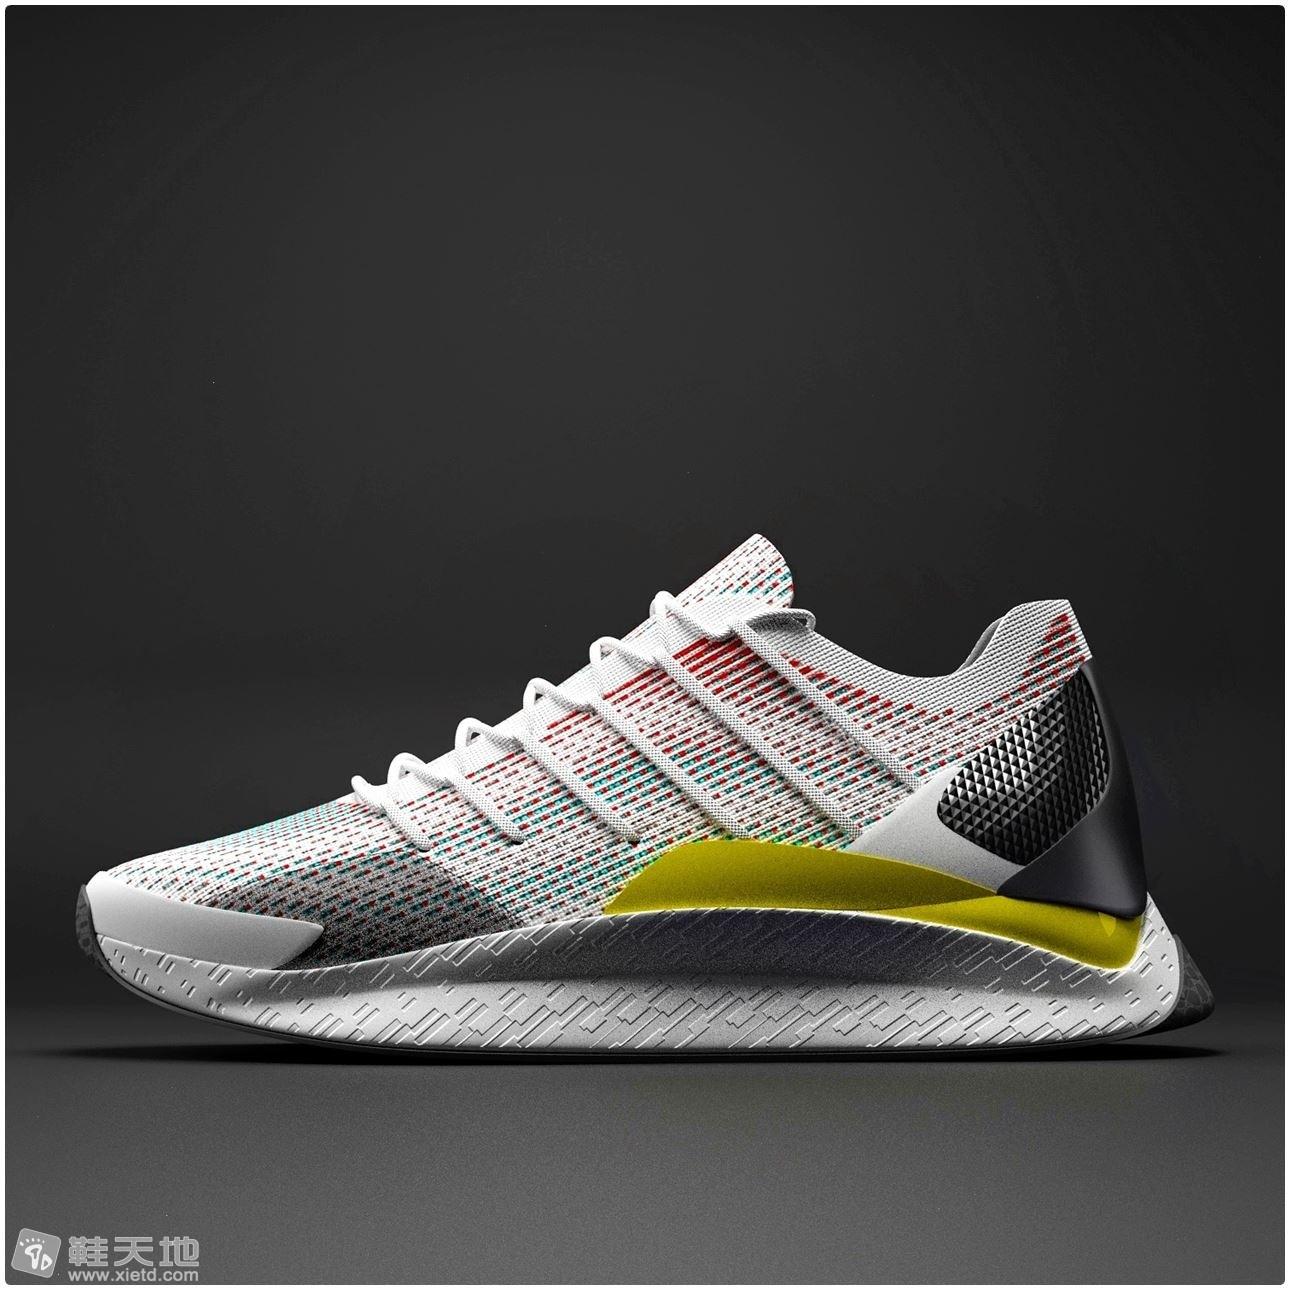 Sneaker concept (16).jpg